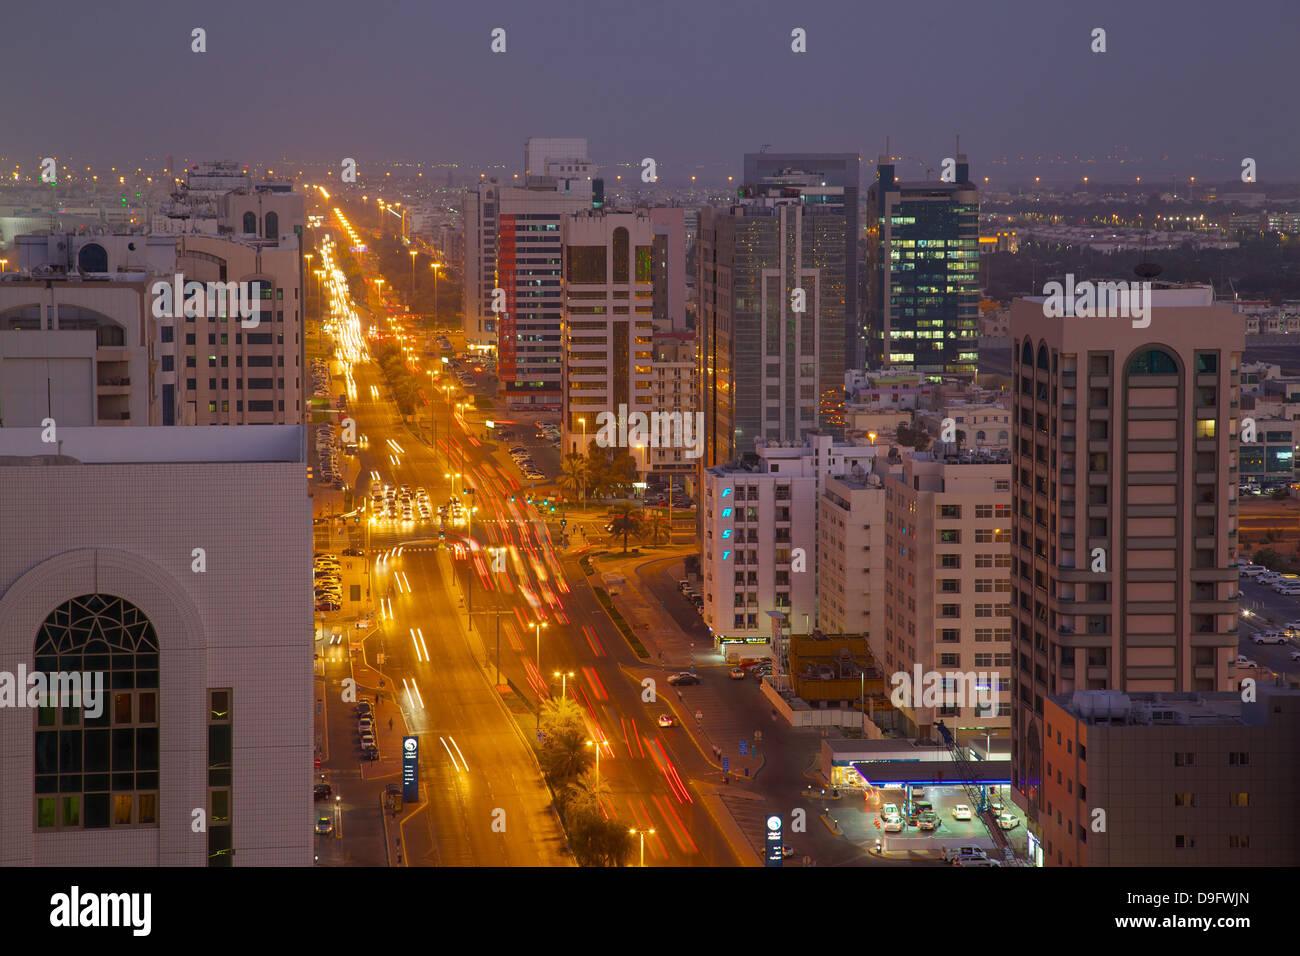 Ville et Rashid bin Saeed Al Maktoum Street, au crépuscule, Abu Dhabi, Émirats arabes unis, Moyen Orient Photo Stock